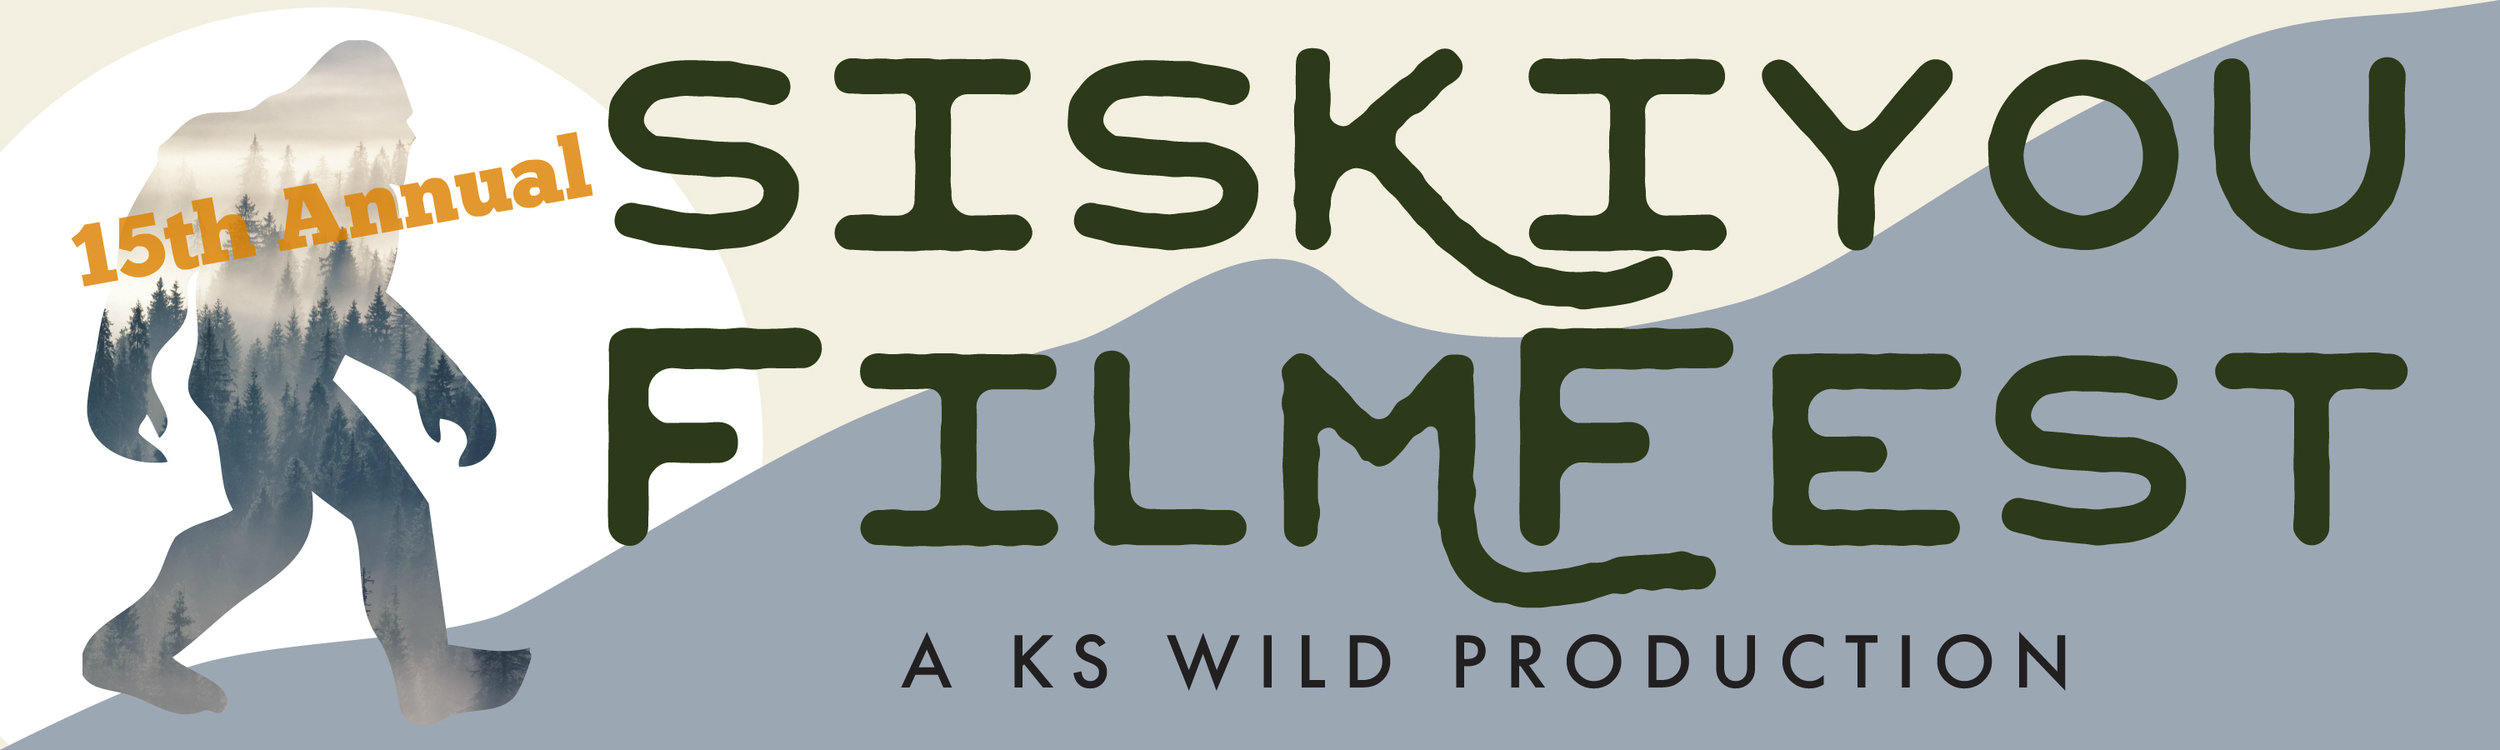 15thAnnual-Logo.jpg